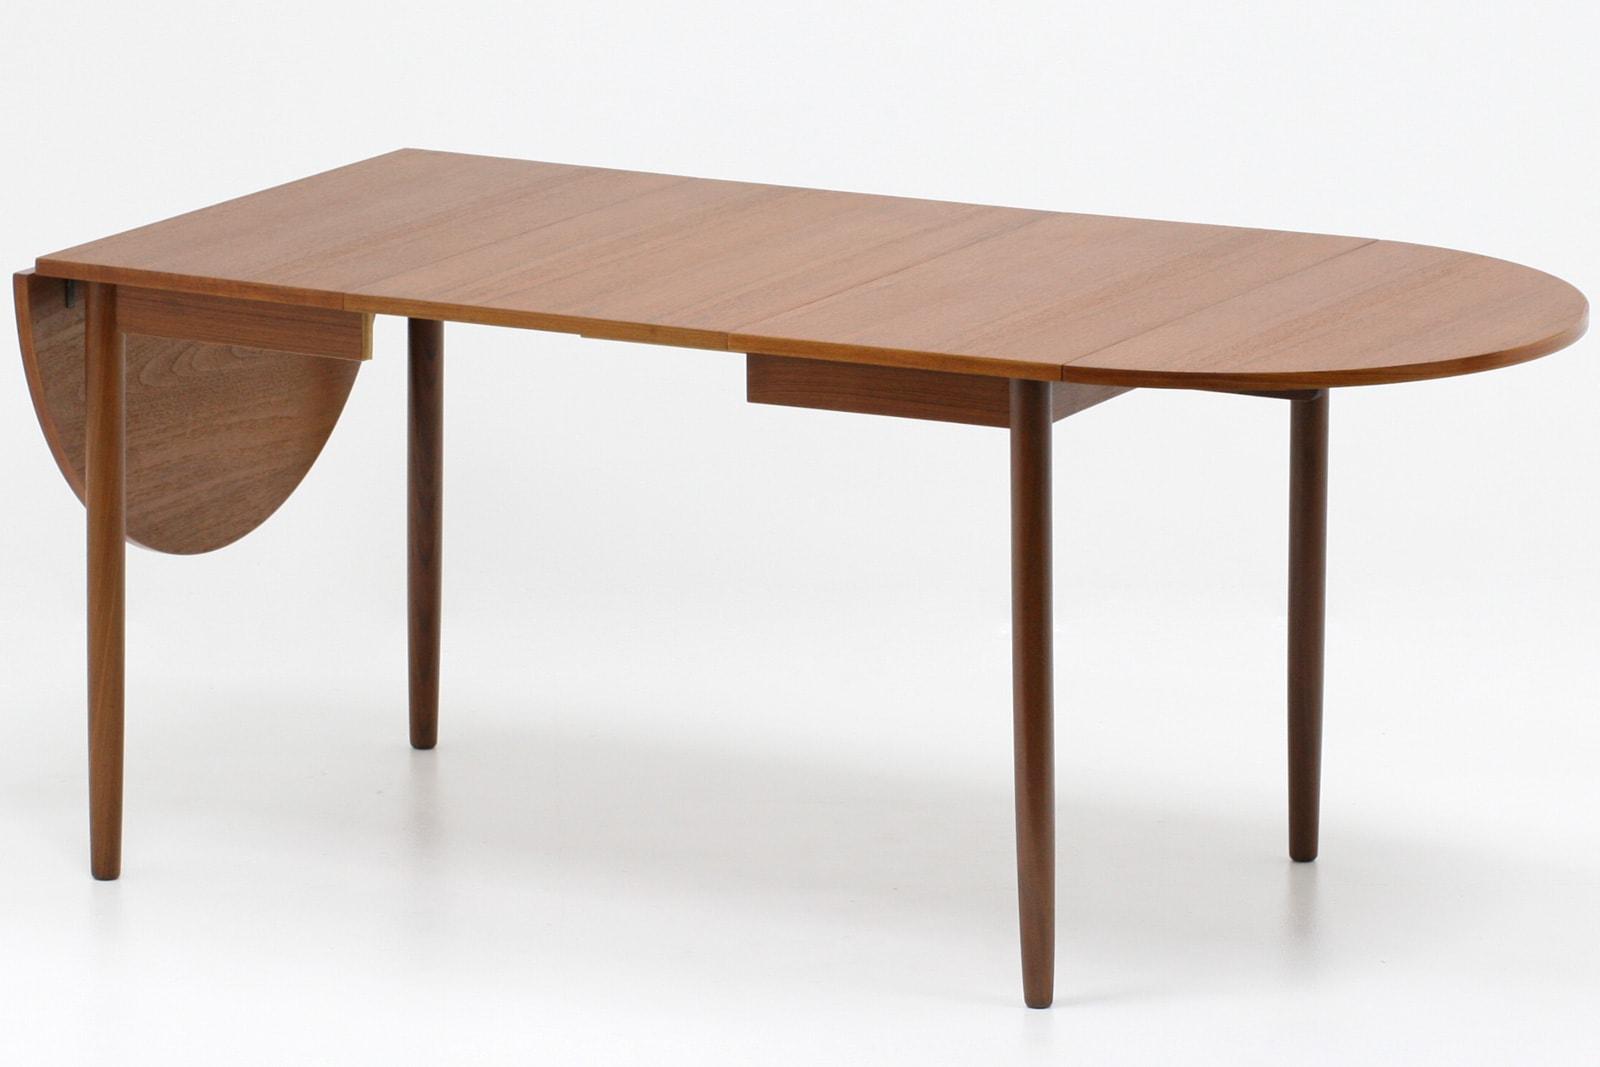 ヴィンテージ,北欧,家具,バラフライ,ダイニングテーブル,楕円形